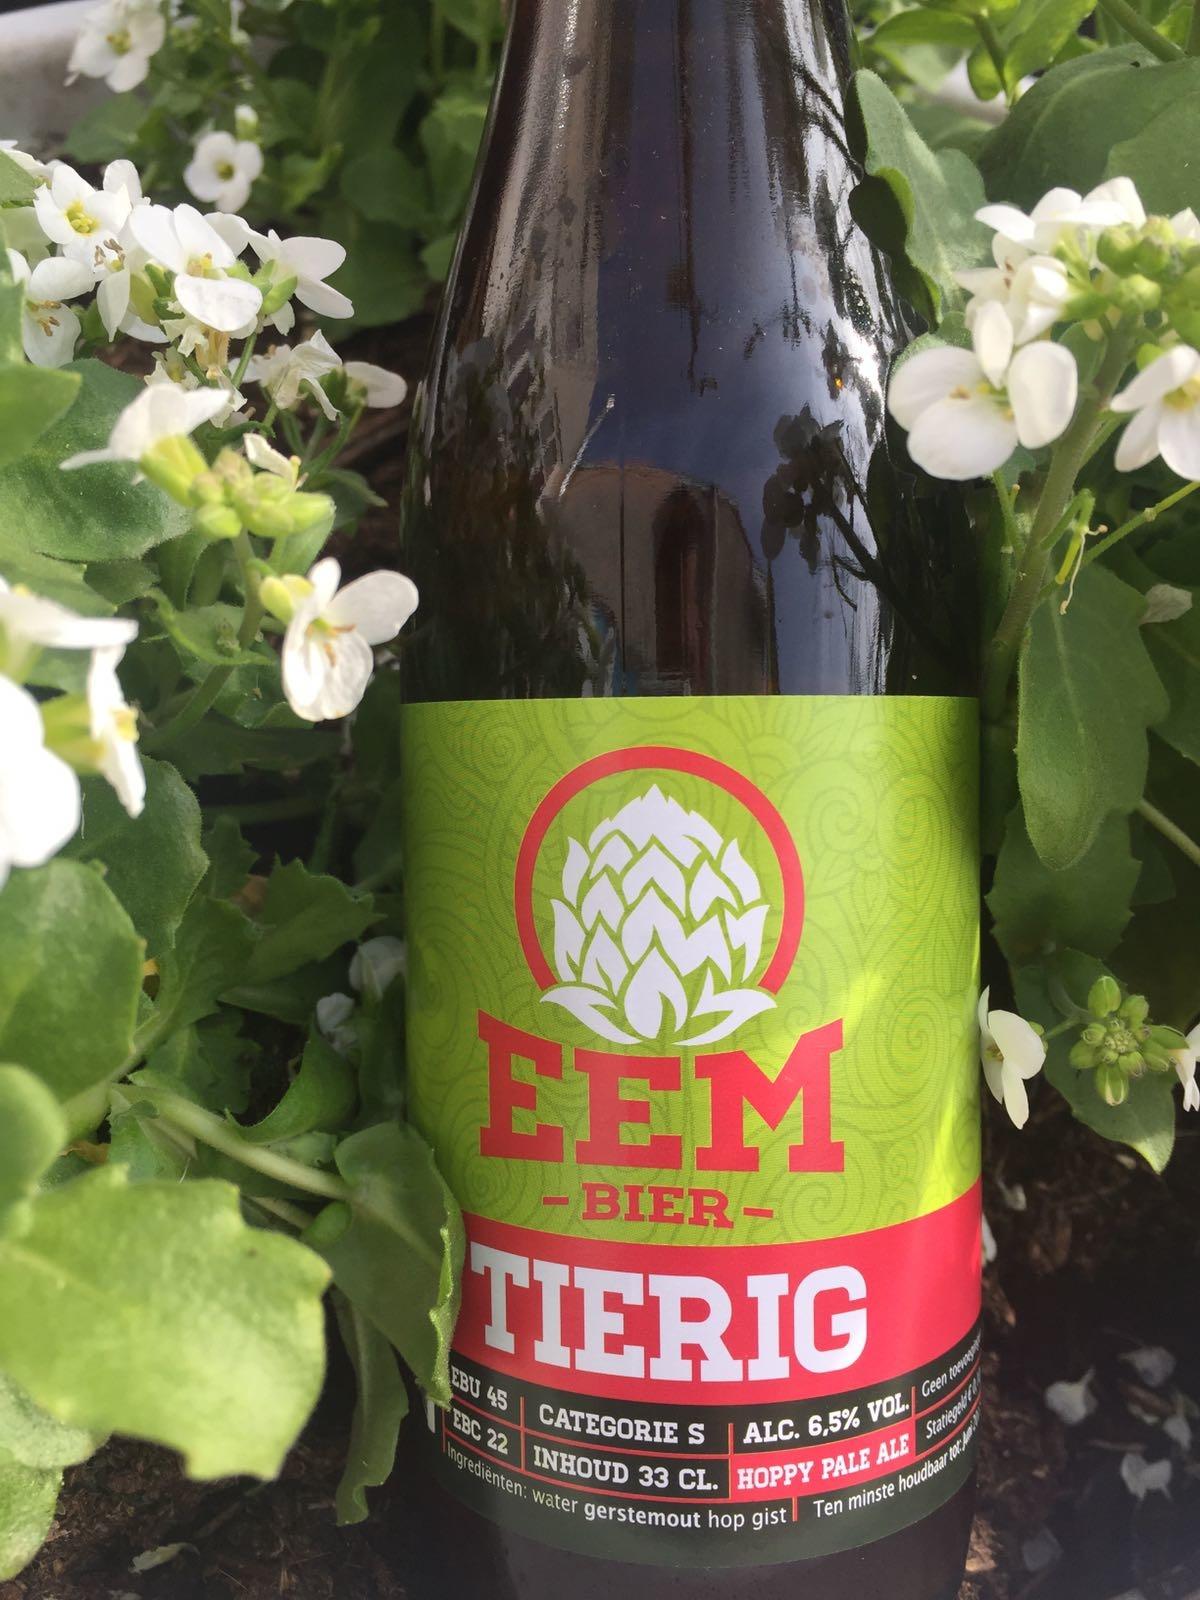 Xtreem Centennial Herkomst: Elburg, Nederland Dit bier doet ons denken aan een sneeuwbol. Troebel rossig blond bier. Een zoetigheid in de smaak wat meer neigt naar suikerbiet dan honing. Ondanks de zoete tonen zijn er ook kenmerken van citrus te vinden in het bier. Dit bier heeft een achtergrondverhaal met twee soorten flesjes. Oorspronkelijk is het gebotteld in het welbekende buikje, onder de naam Xtreem Centennial. Tegenwoordig is het bier te verkrijgen in het traditionele bierflesmodel onder de naam Tierig. De brouwerij is brouwerij de Eem. Het bier bevat een alcoholpercentage van 6,5%. Advies serveer-temperatuur: 5 à 6 graden.